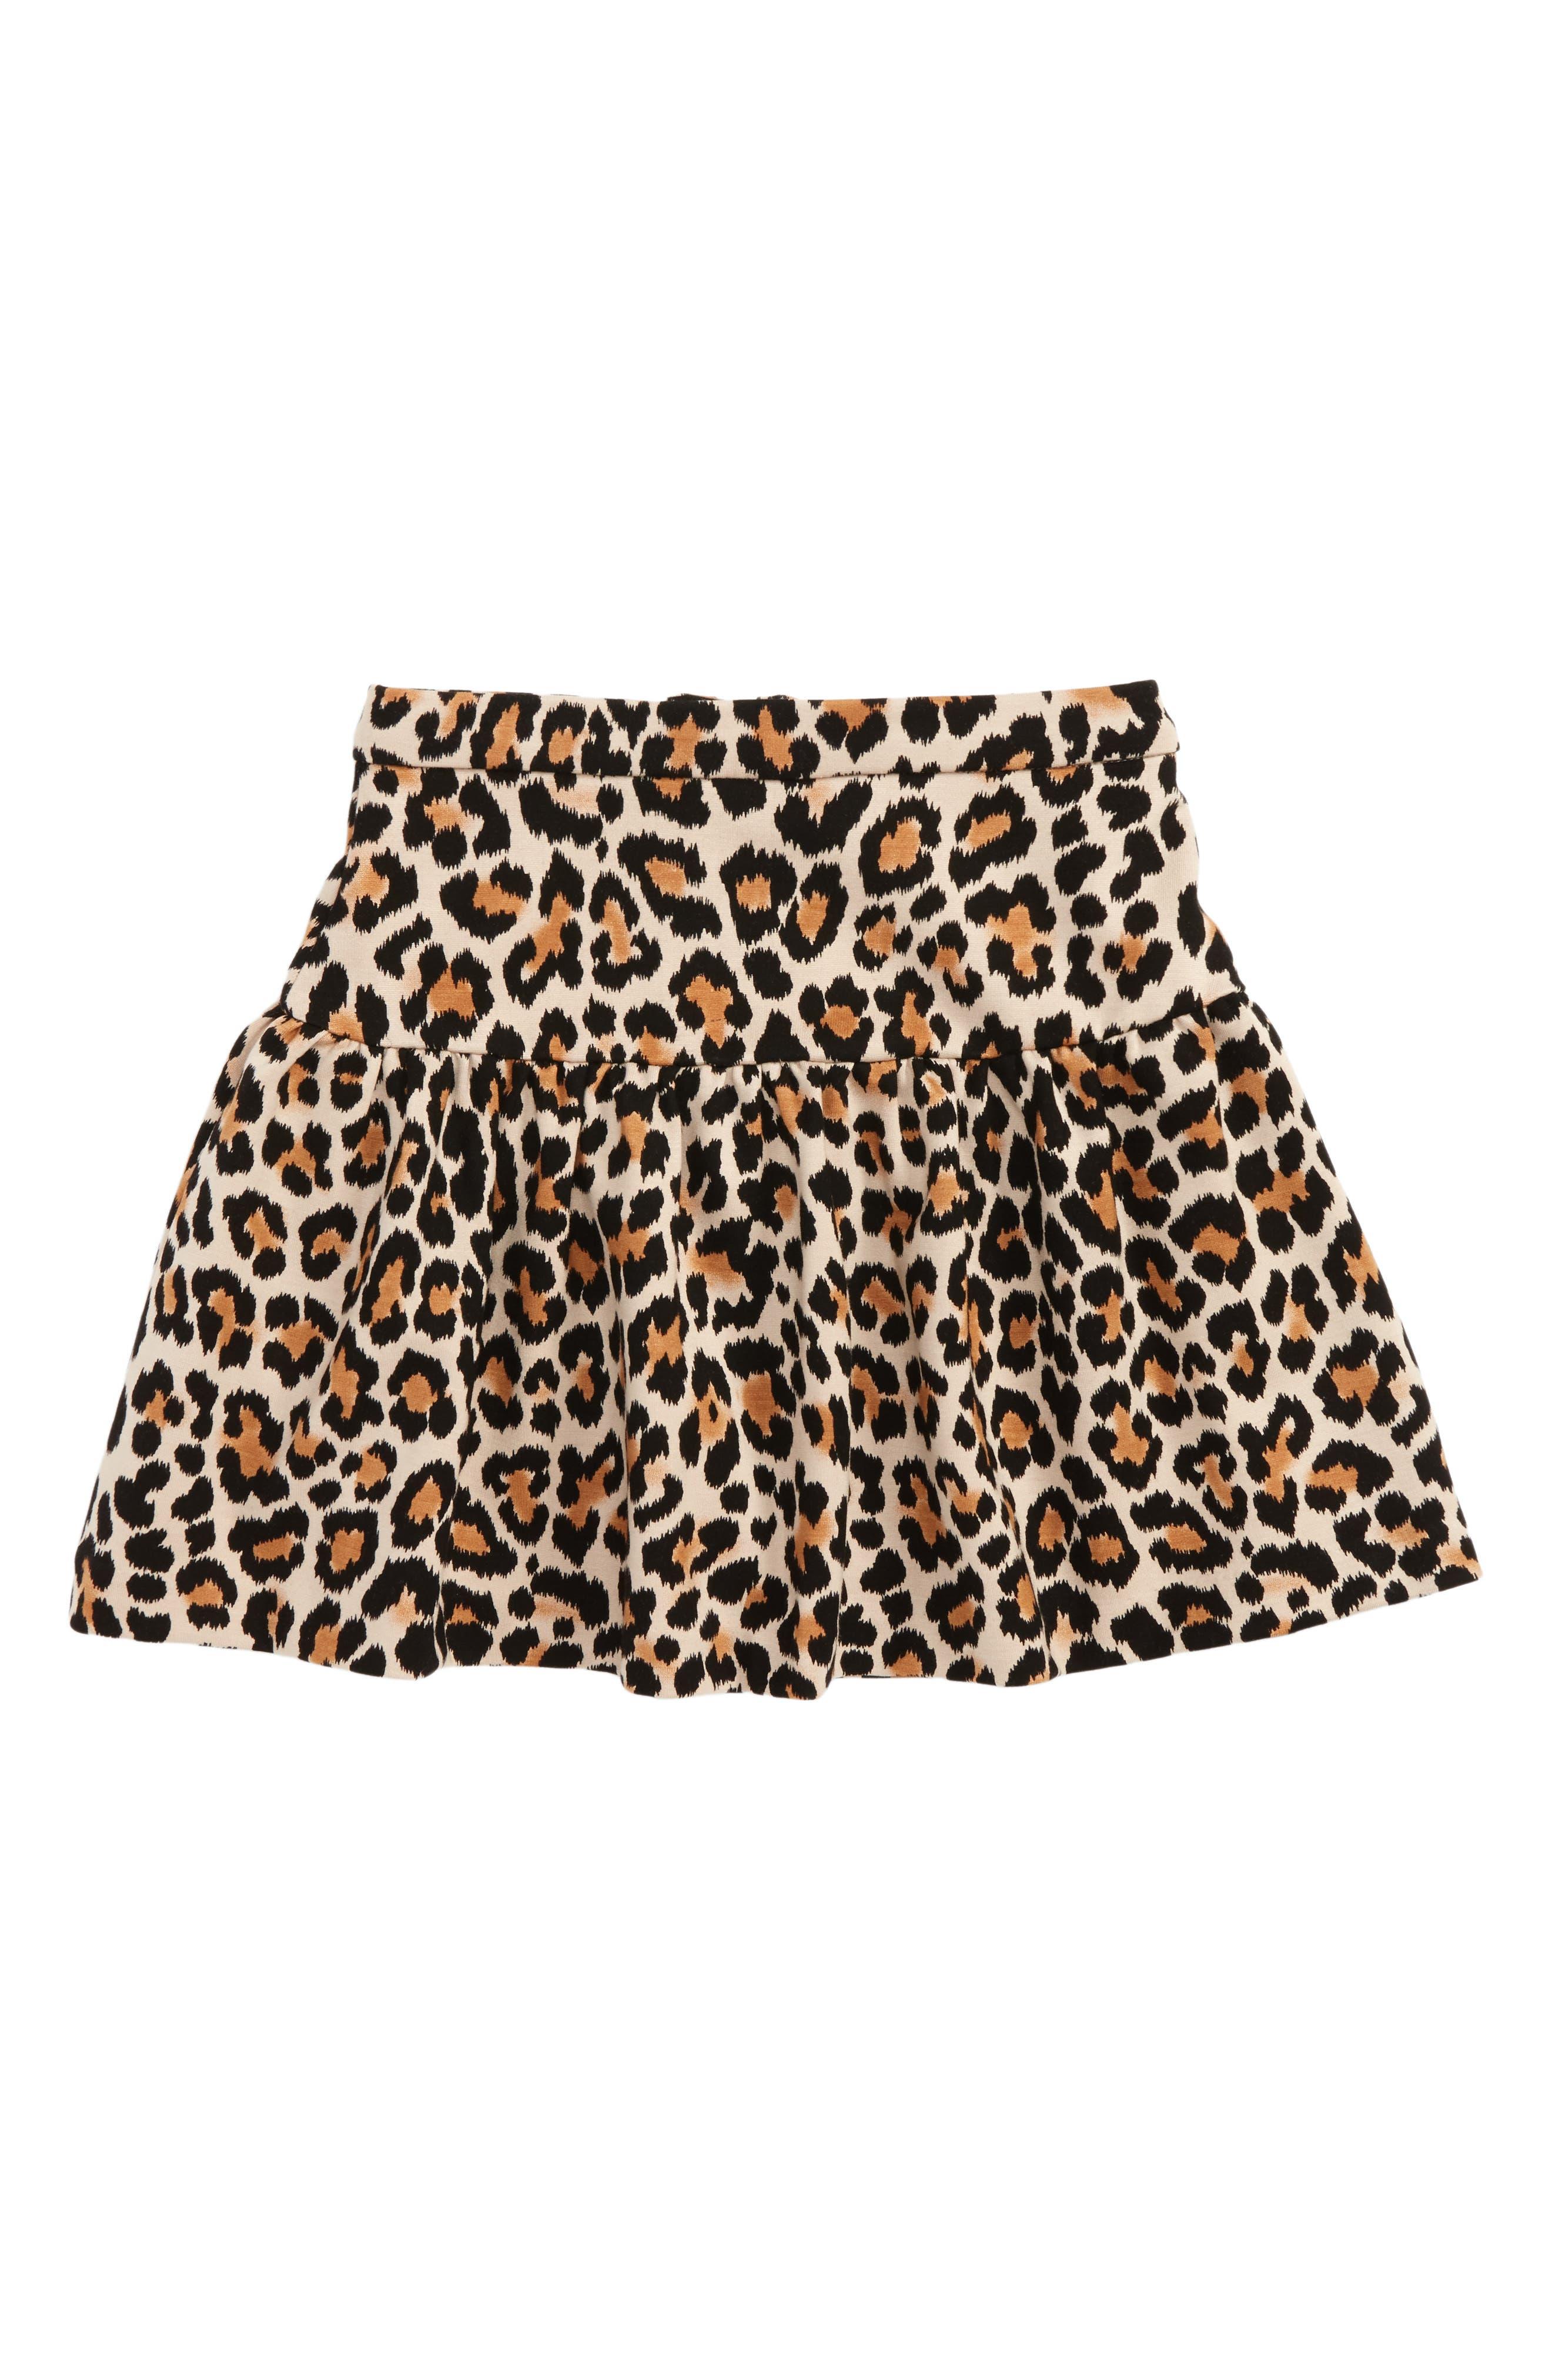 Main Image - kate spade new york leopard print skirt (Toddler Girls & Little Girls)